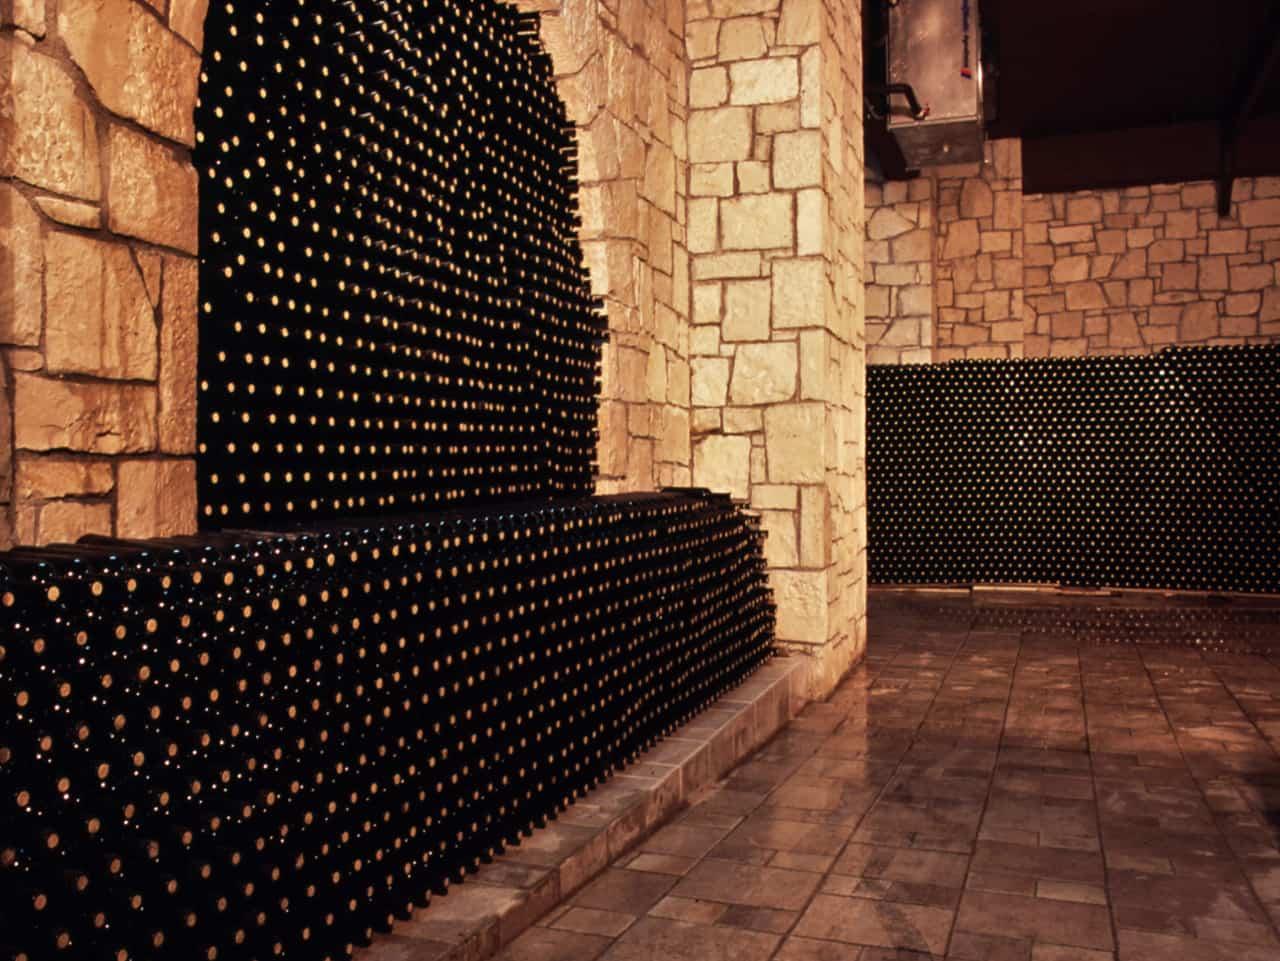 domaine paterianakis wine tasting tours, paterianakis winery lunch tours, bio wine paterianakis winery, organic wine paterianakis, melesses heraklion crete paterianakis, wine tasting tours nearby heraklion, wine tasting tours nearby knossos minoan palace